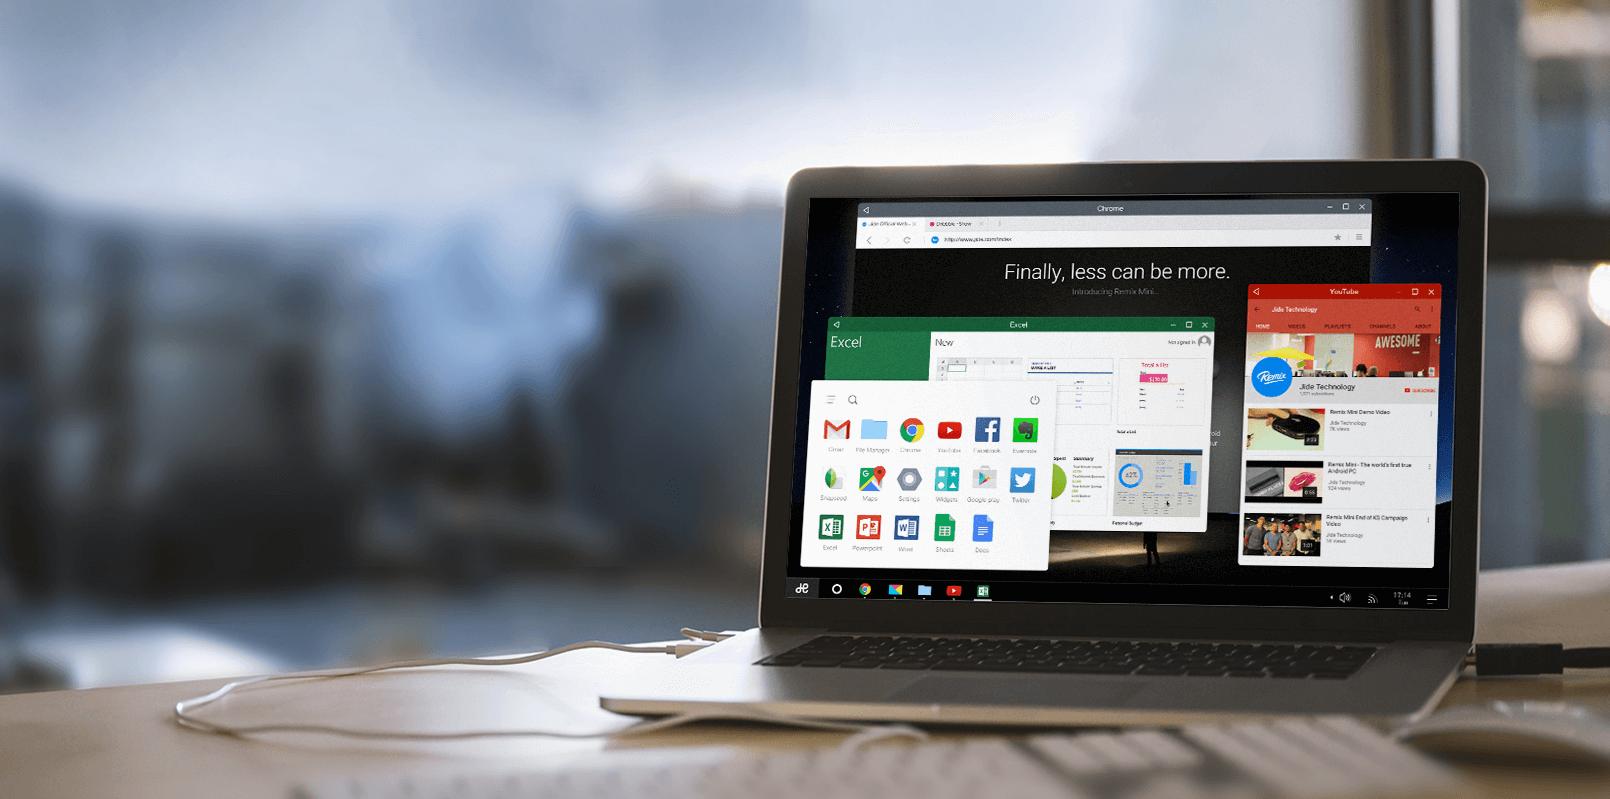 Remix OS, pour installer Android sur un PC, est disponible au téléchargement